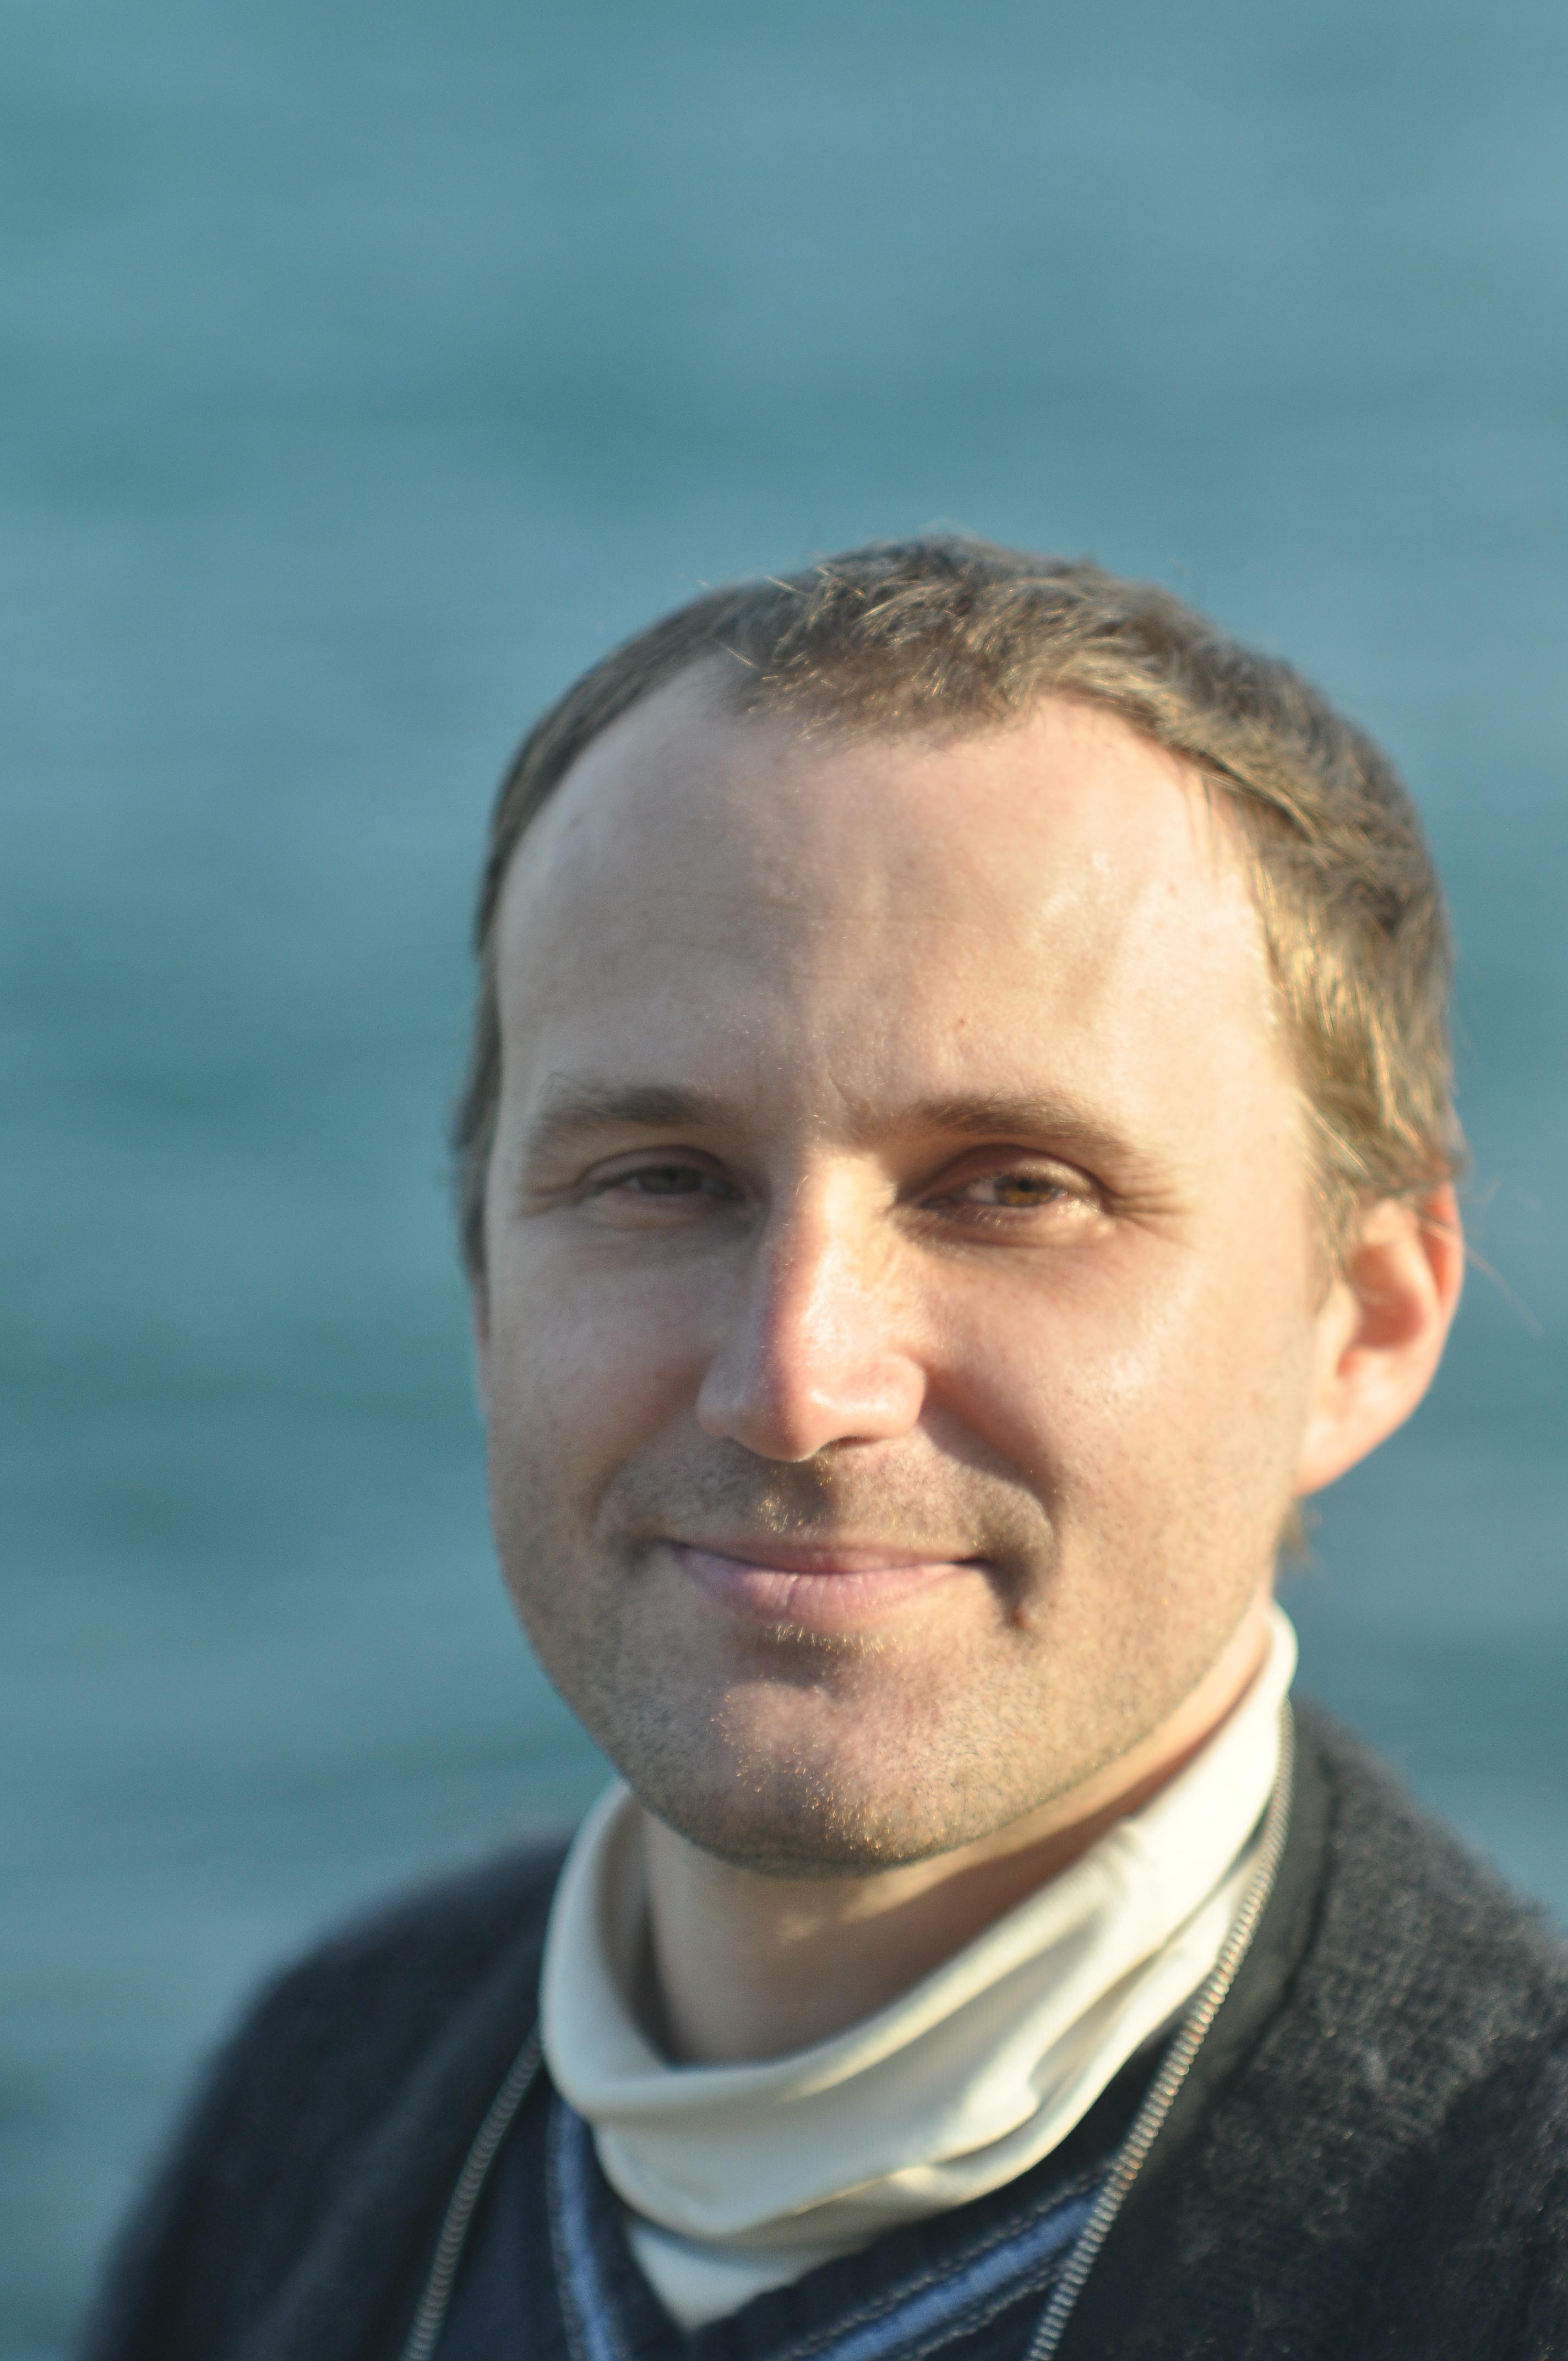 В Крыму уволили молодого ученого после его отказа от российского гражданства